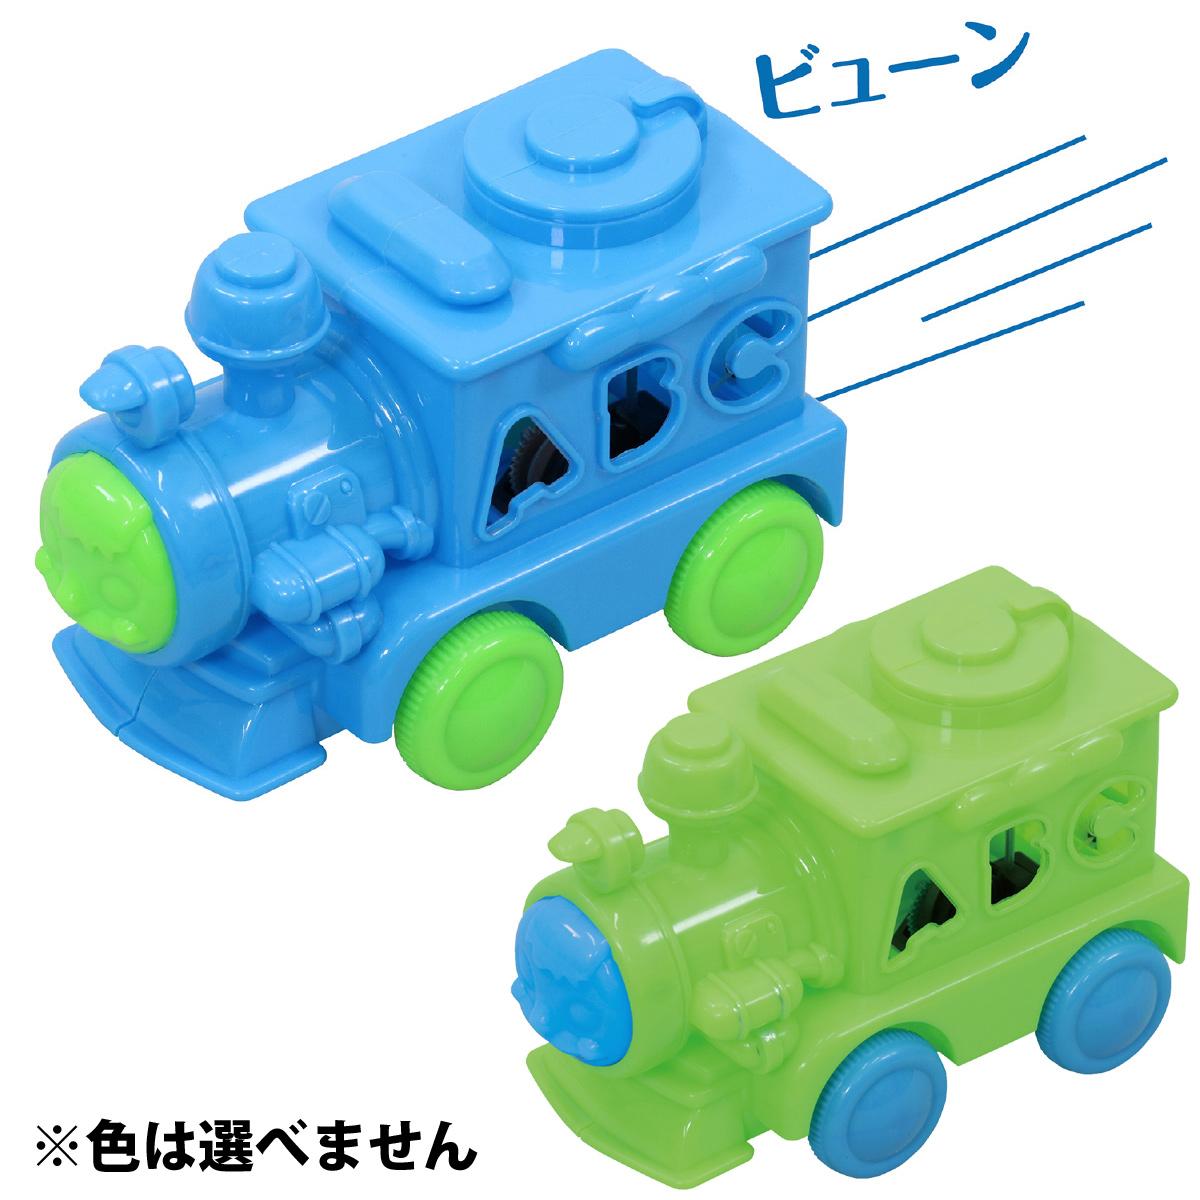 フラッシュトレイン おもちゃ 電車 汽車 キッズ 子供 幼児 幼稚園 保育園 景品 知育玩具 クリスマスプレゼント